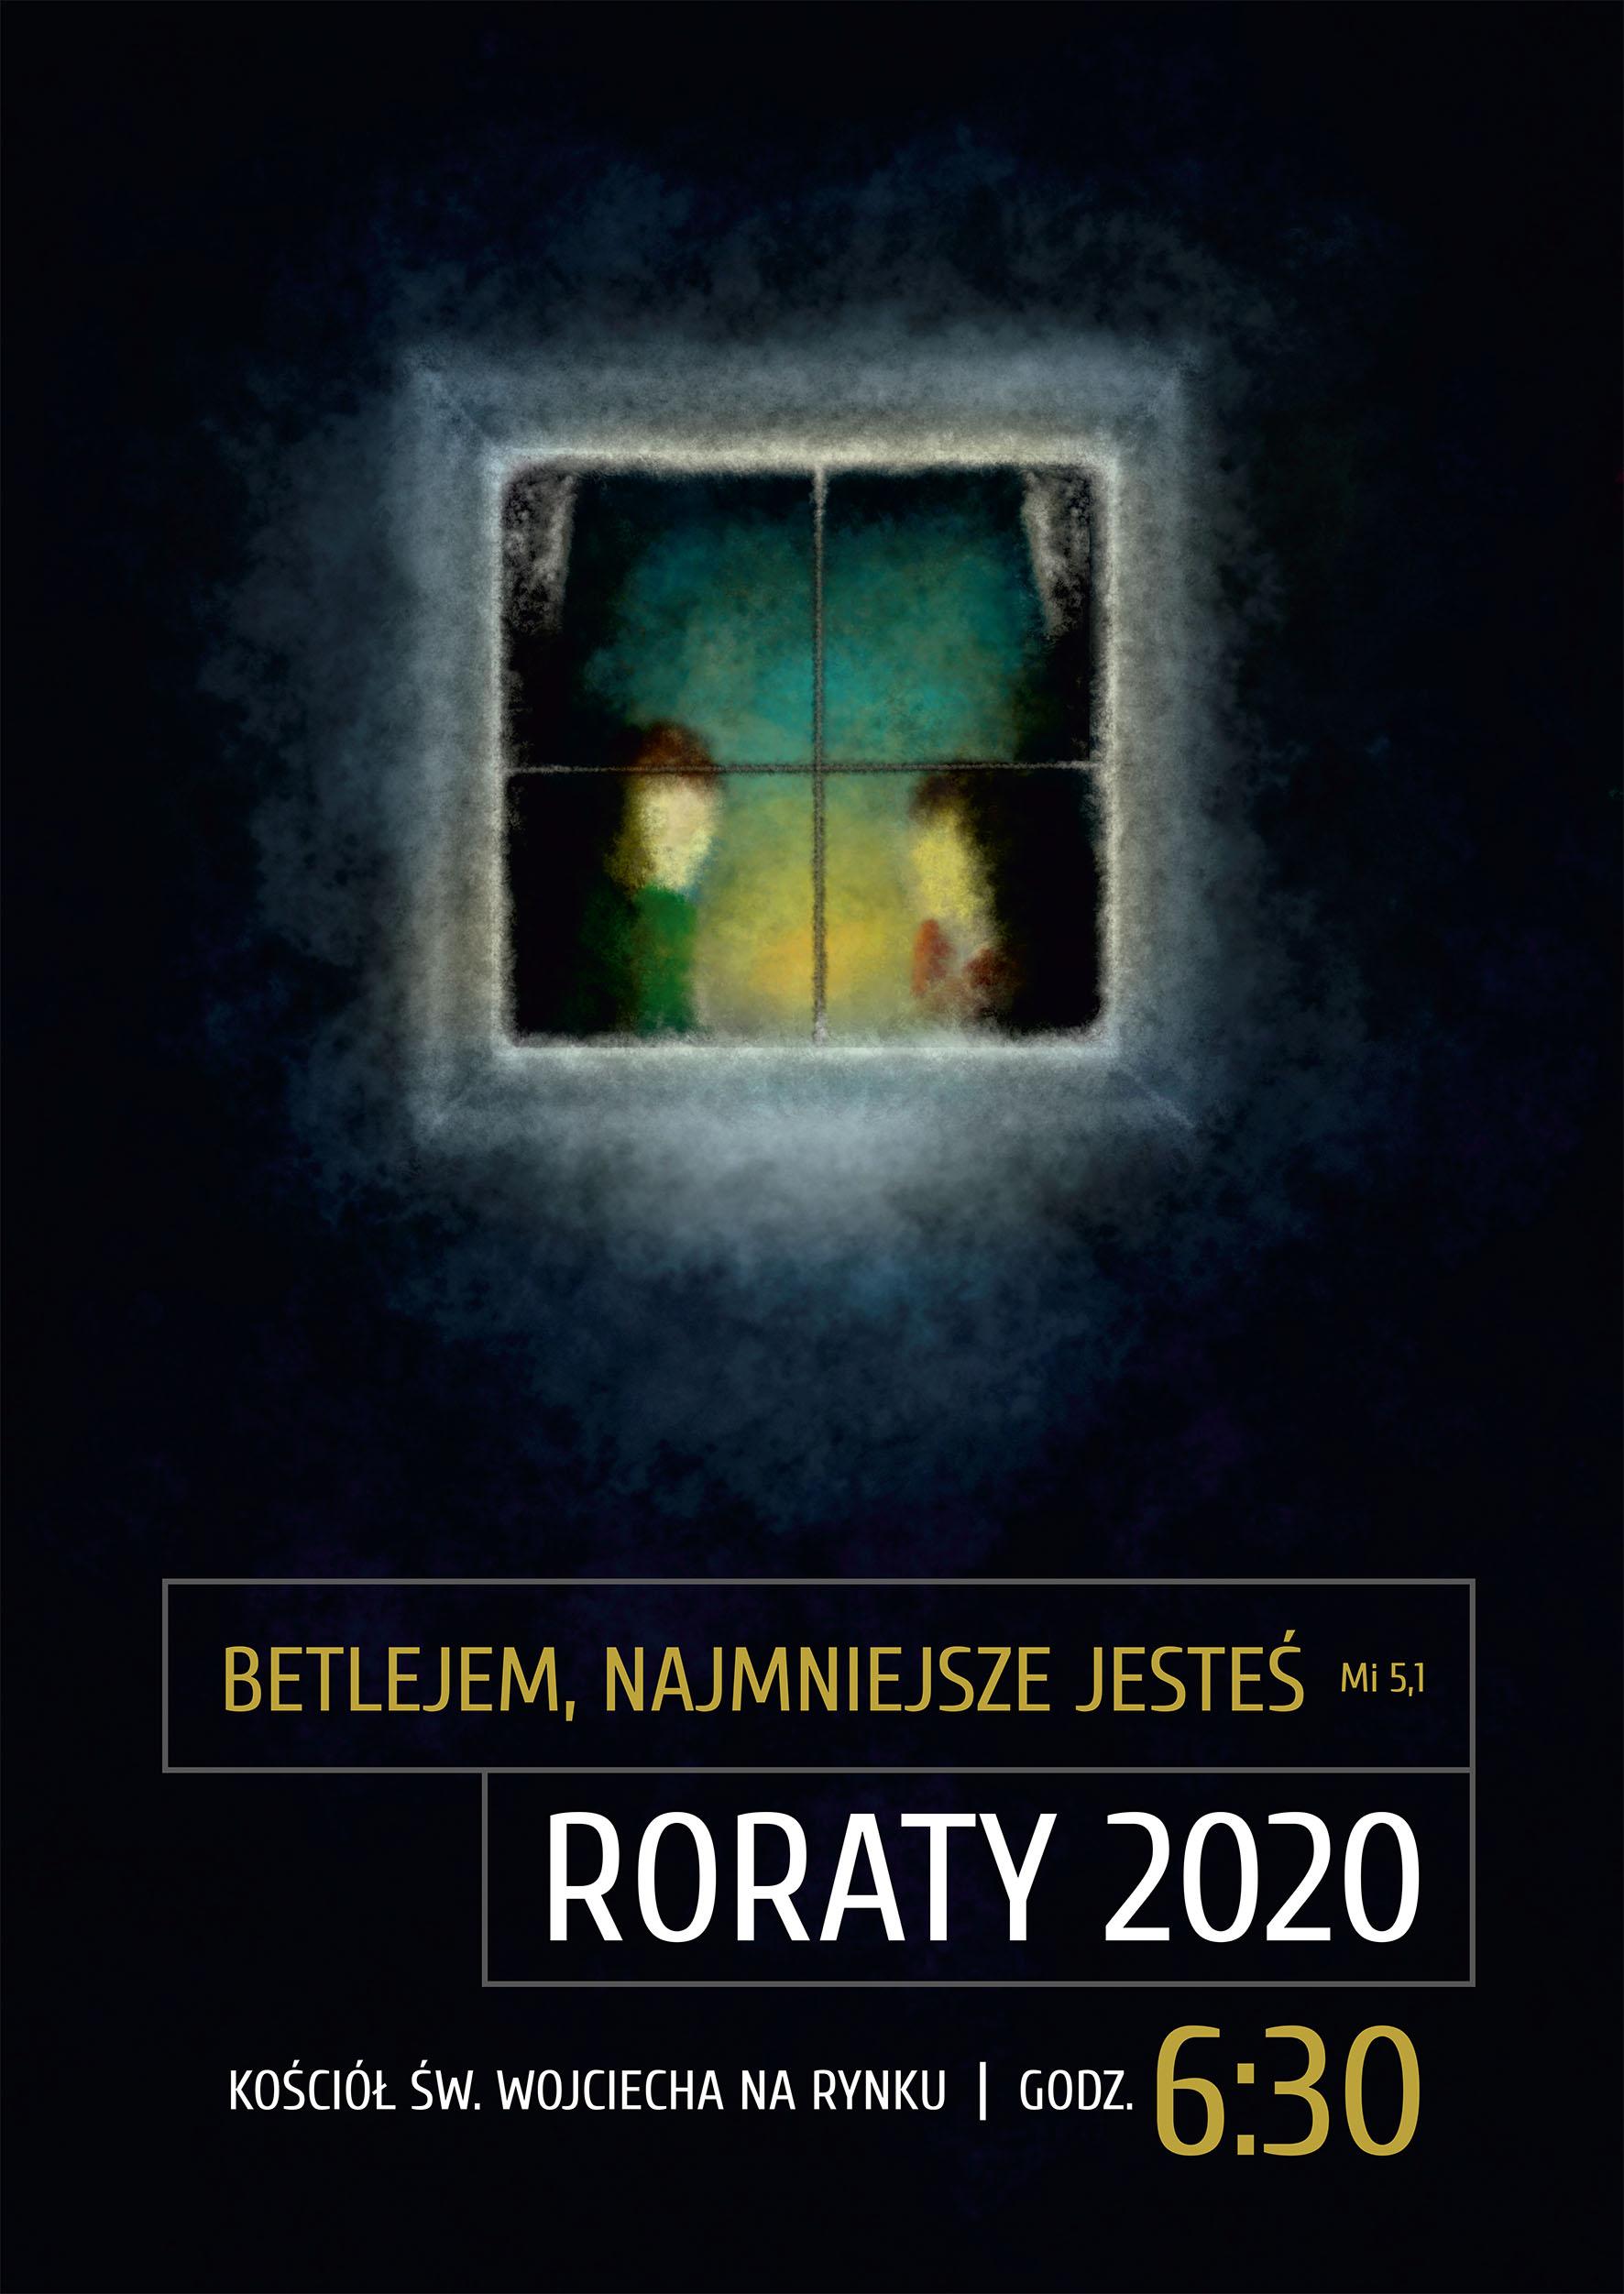 2020.cdr